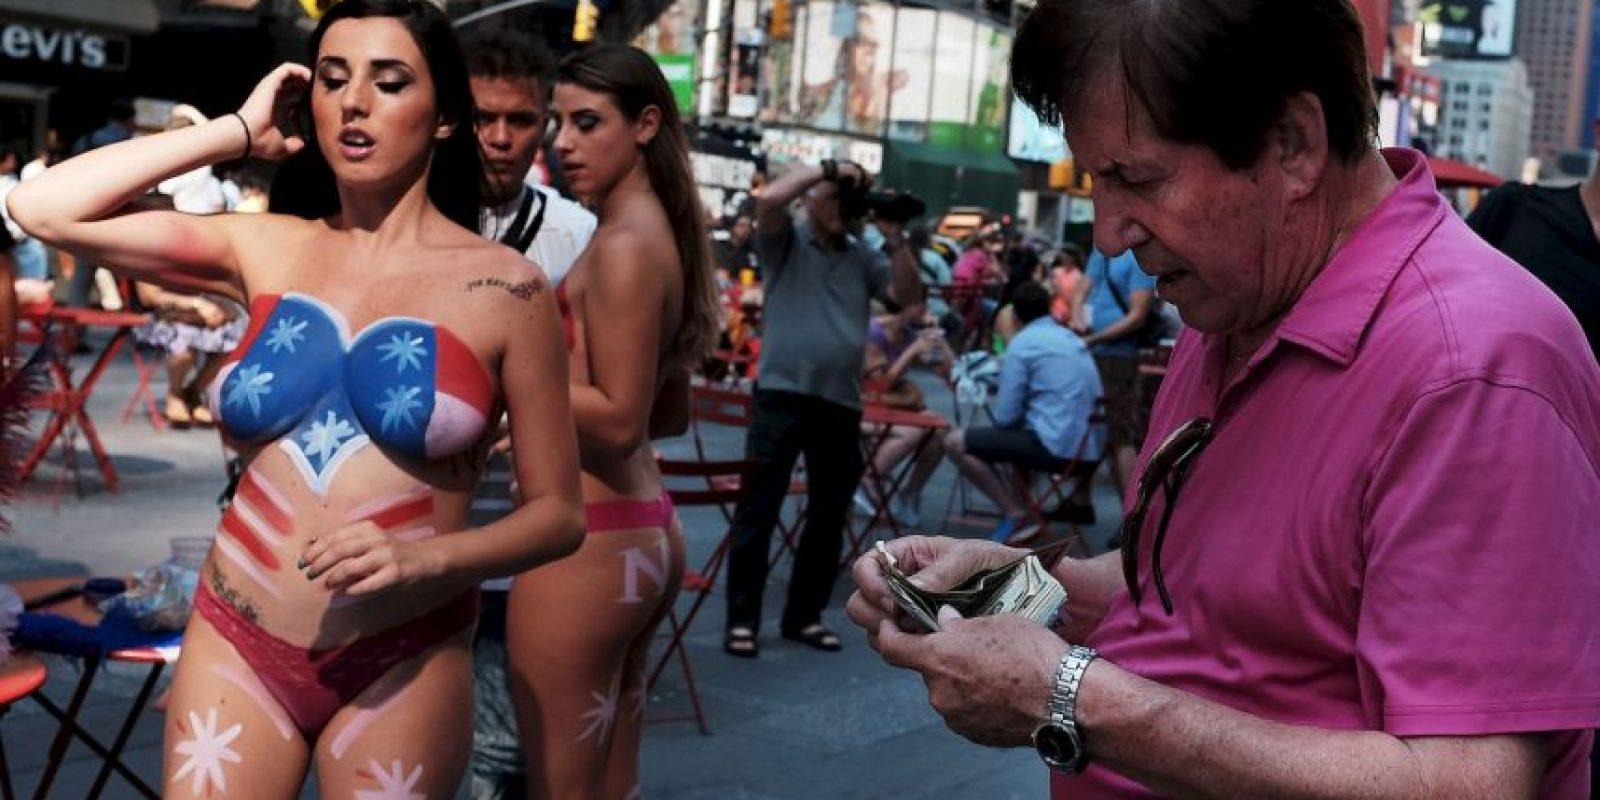 """Ganan diariamente una cifra cercana a los $300 dólares, según el periódico """"The New york Times"""" Foto:Getty Images"""